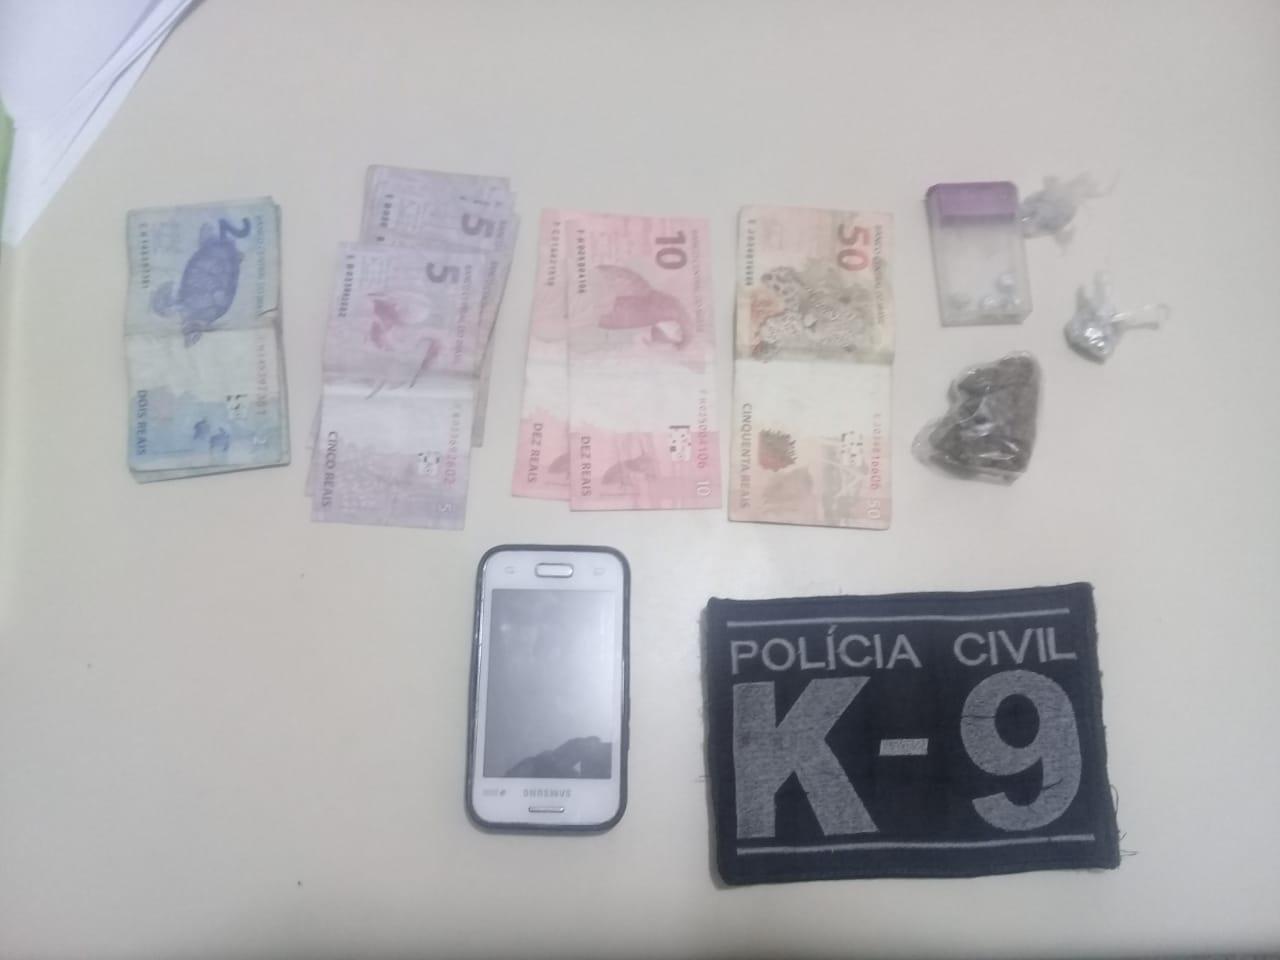 Operação Braços Fortes está sendo realizada em Palmas/PR